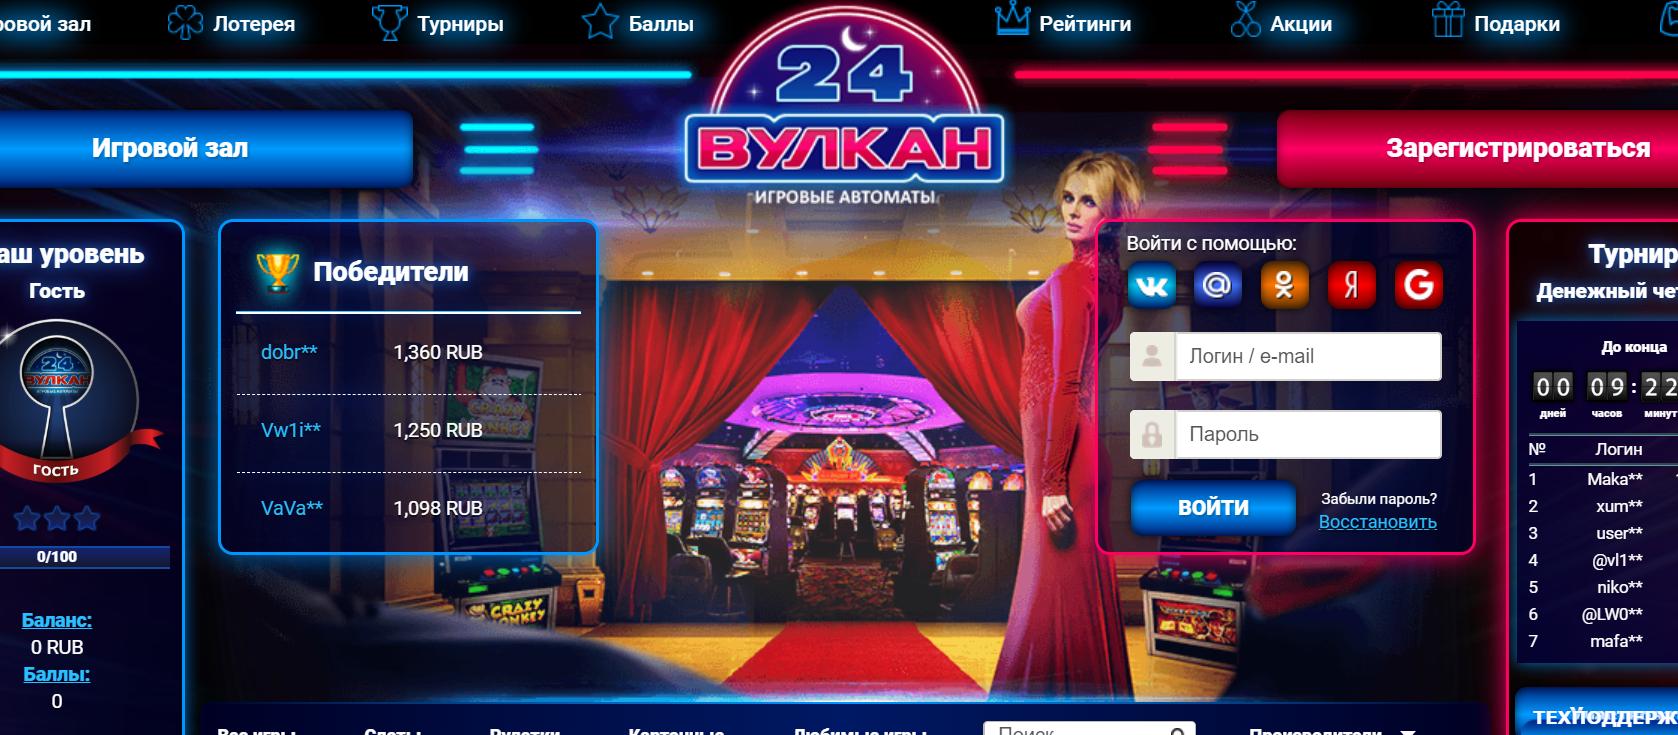 Особенности пользования приложением для интересного досуга в казино Вулкан 24